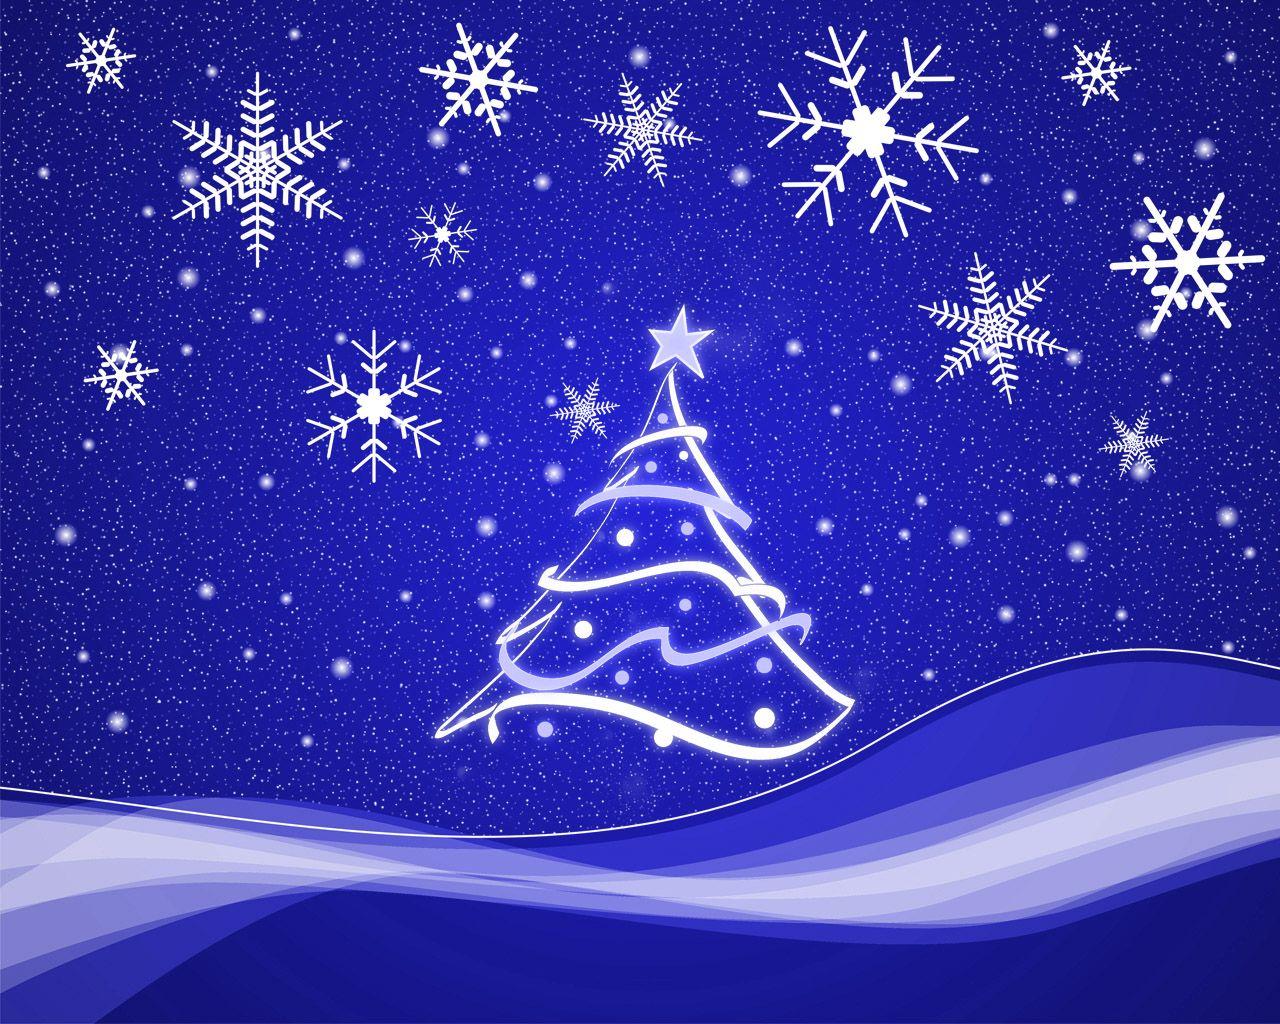 Christmas Snowflakes Christmas Wallpaper Hd Christmas Tree Wallpaper Christmas Card Templates Free